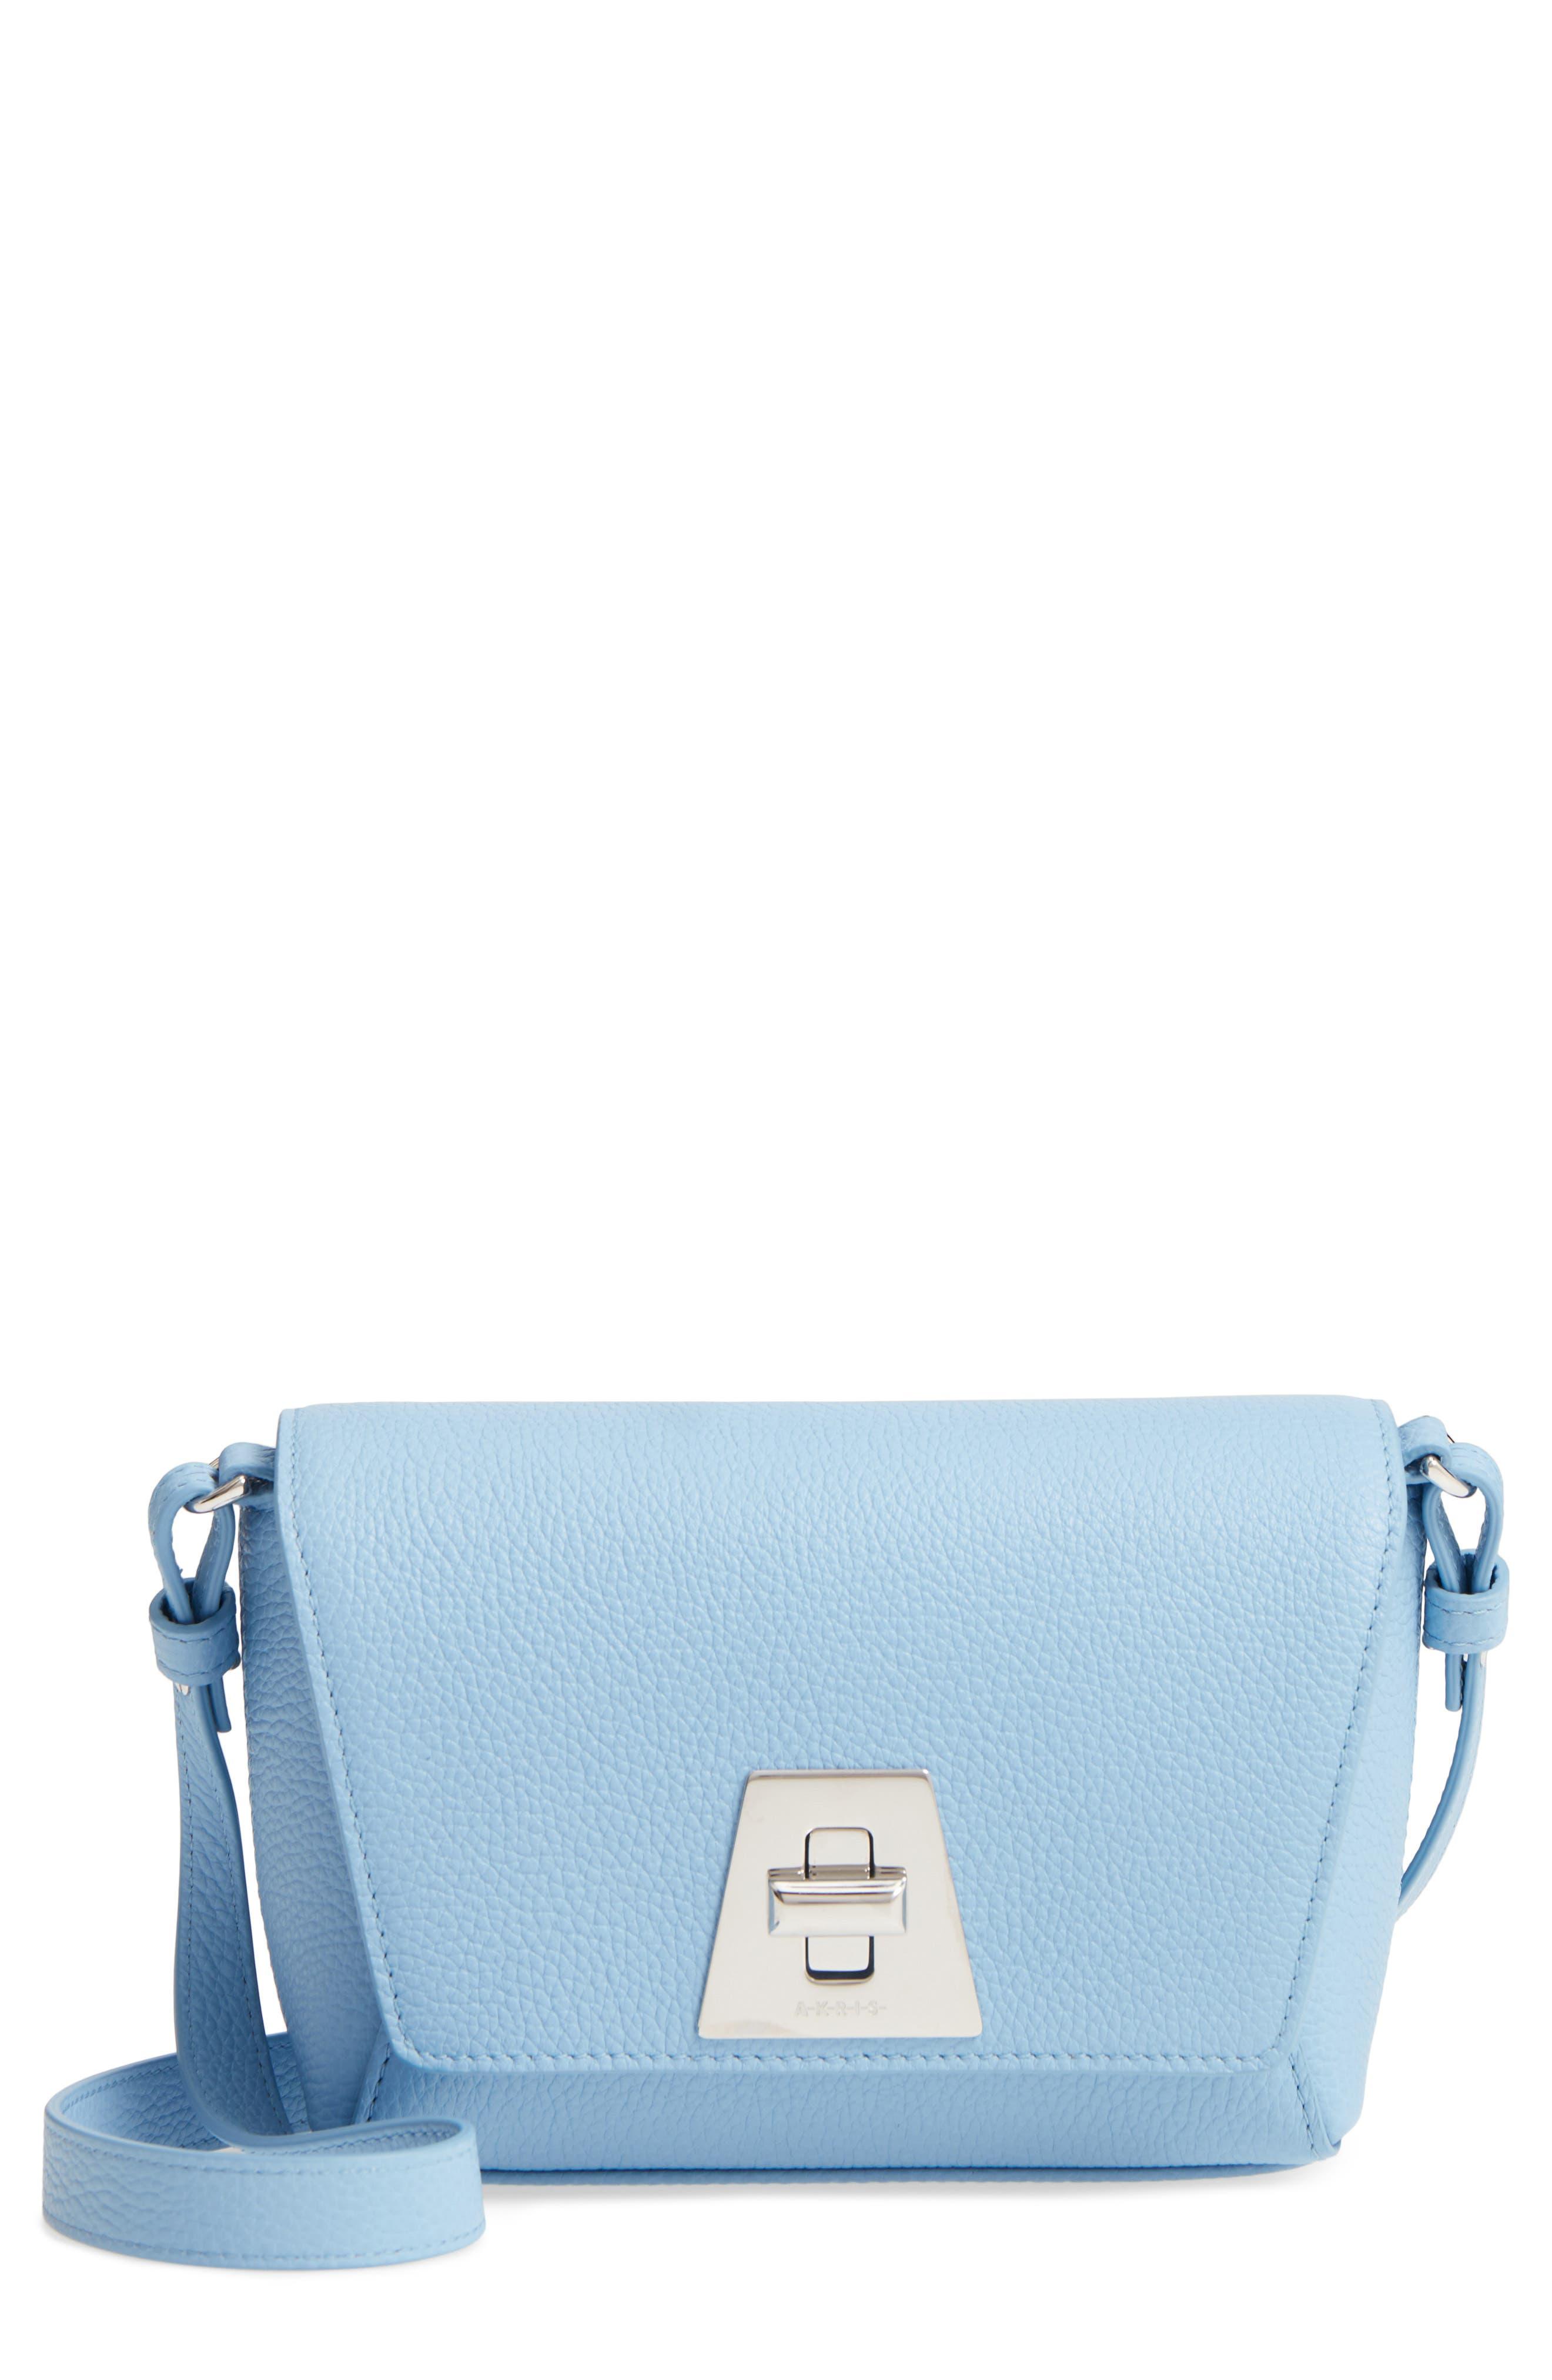 Little Anouk Calfskin Crossbody Bag,                         Main,                         color, POWDER BLUE